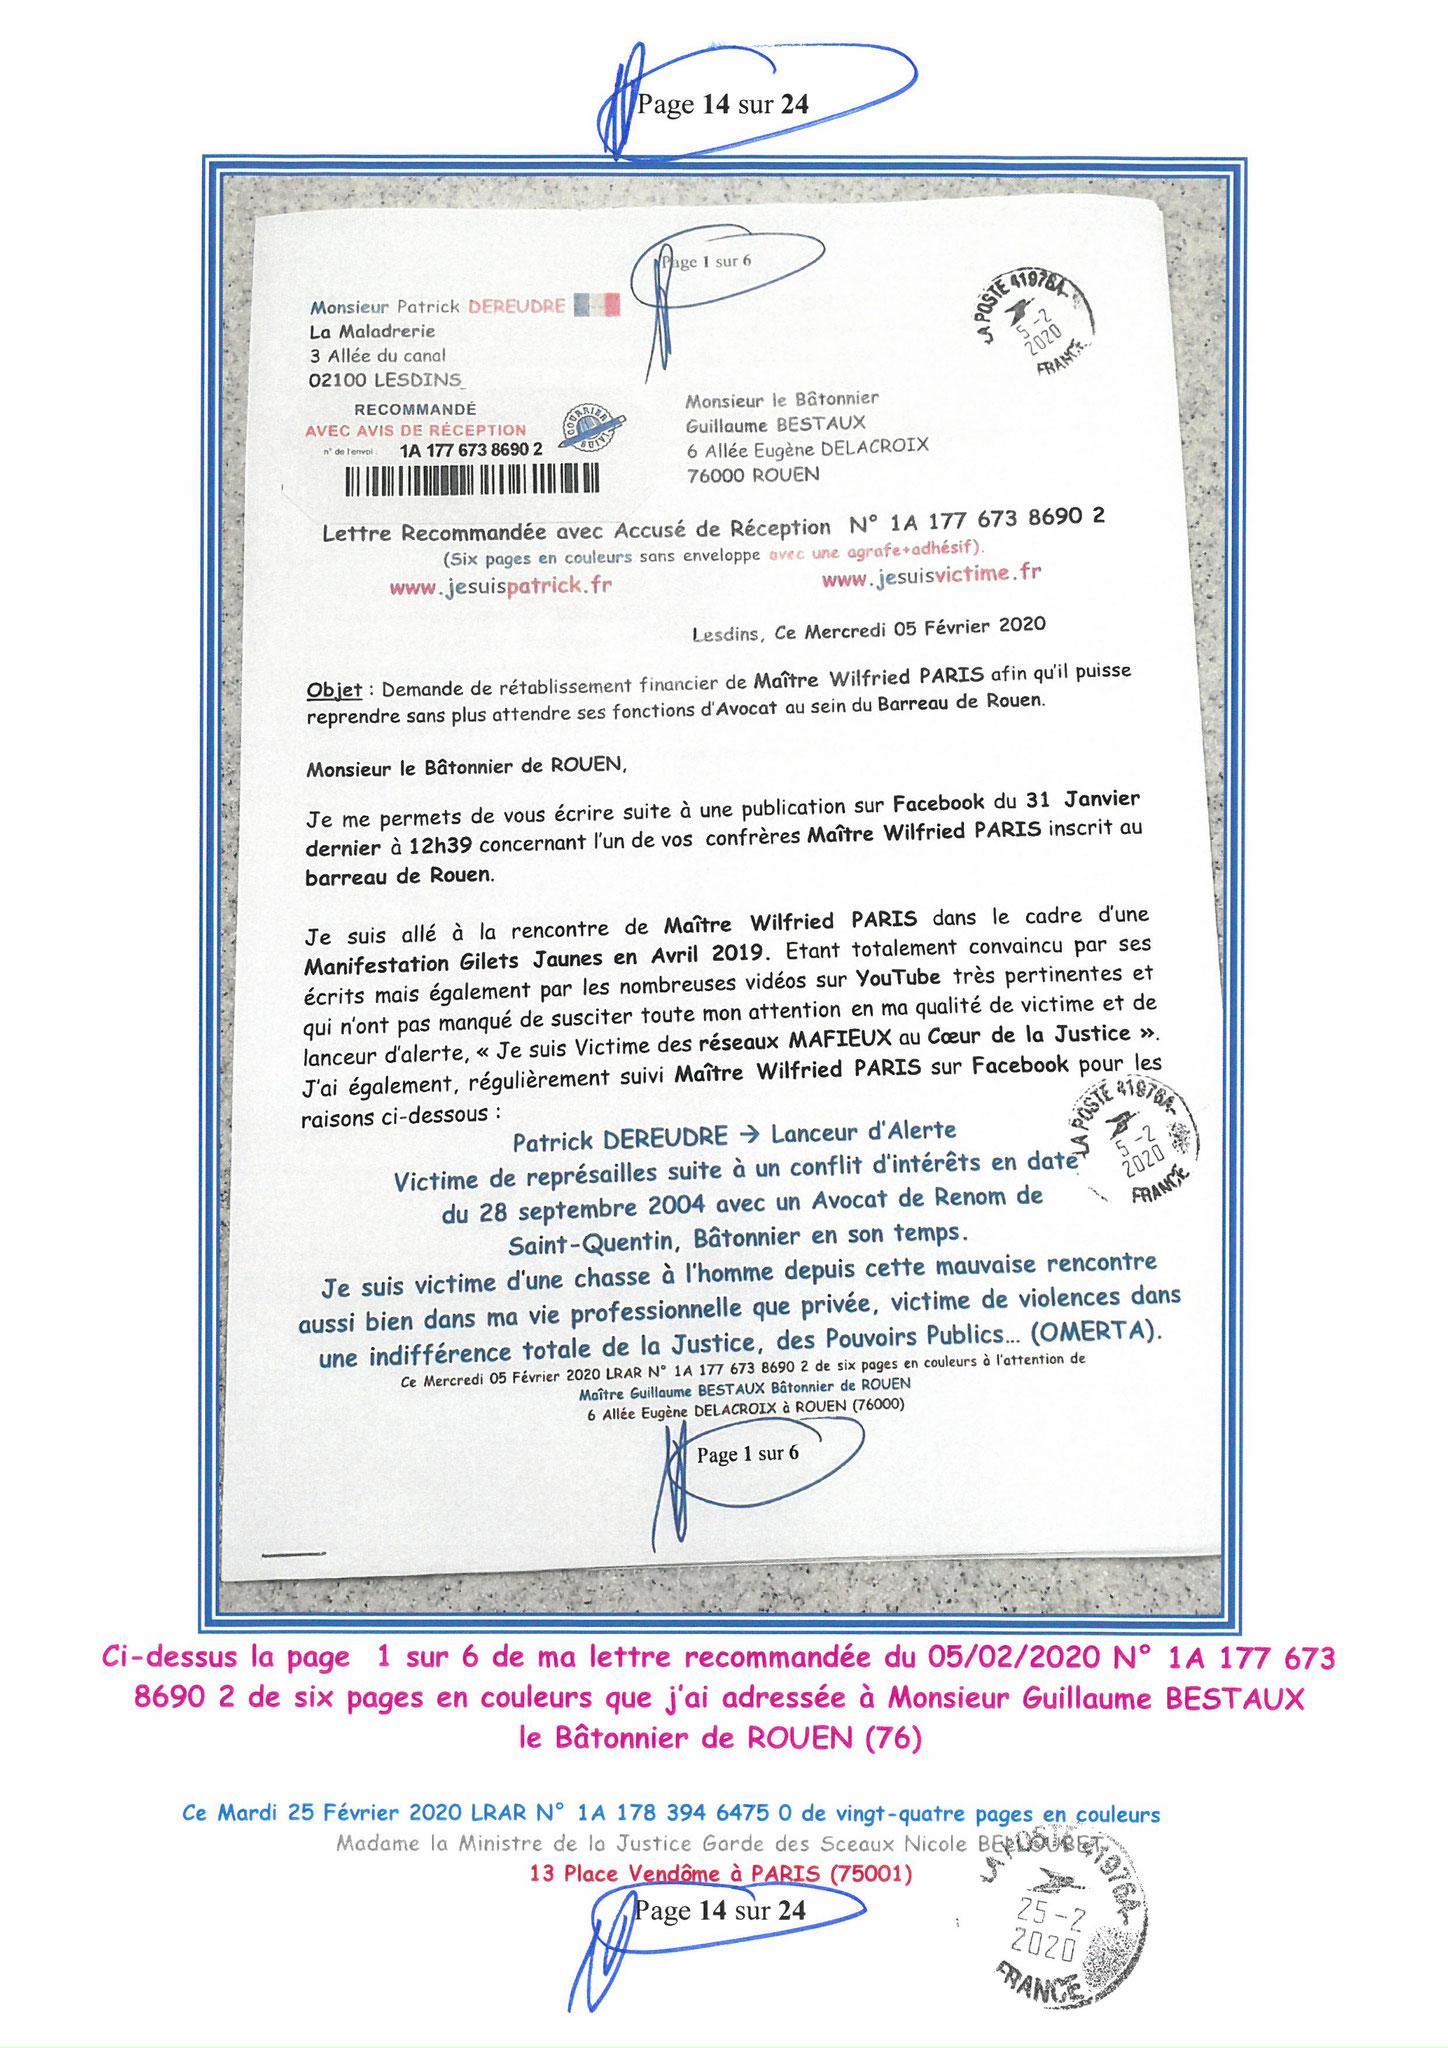 Ma LRAR à Madame Nicole BELLOUBET la Ministre de la Justice N0 1A 178 394 6475 0 Page 14 sur 24 en couleur  www.jesuispatrick.com www.jesuisvictime.fr www.alerte-rouge-france.fr